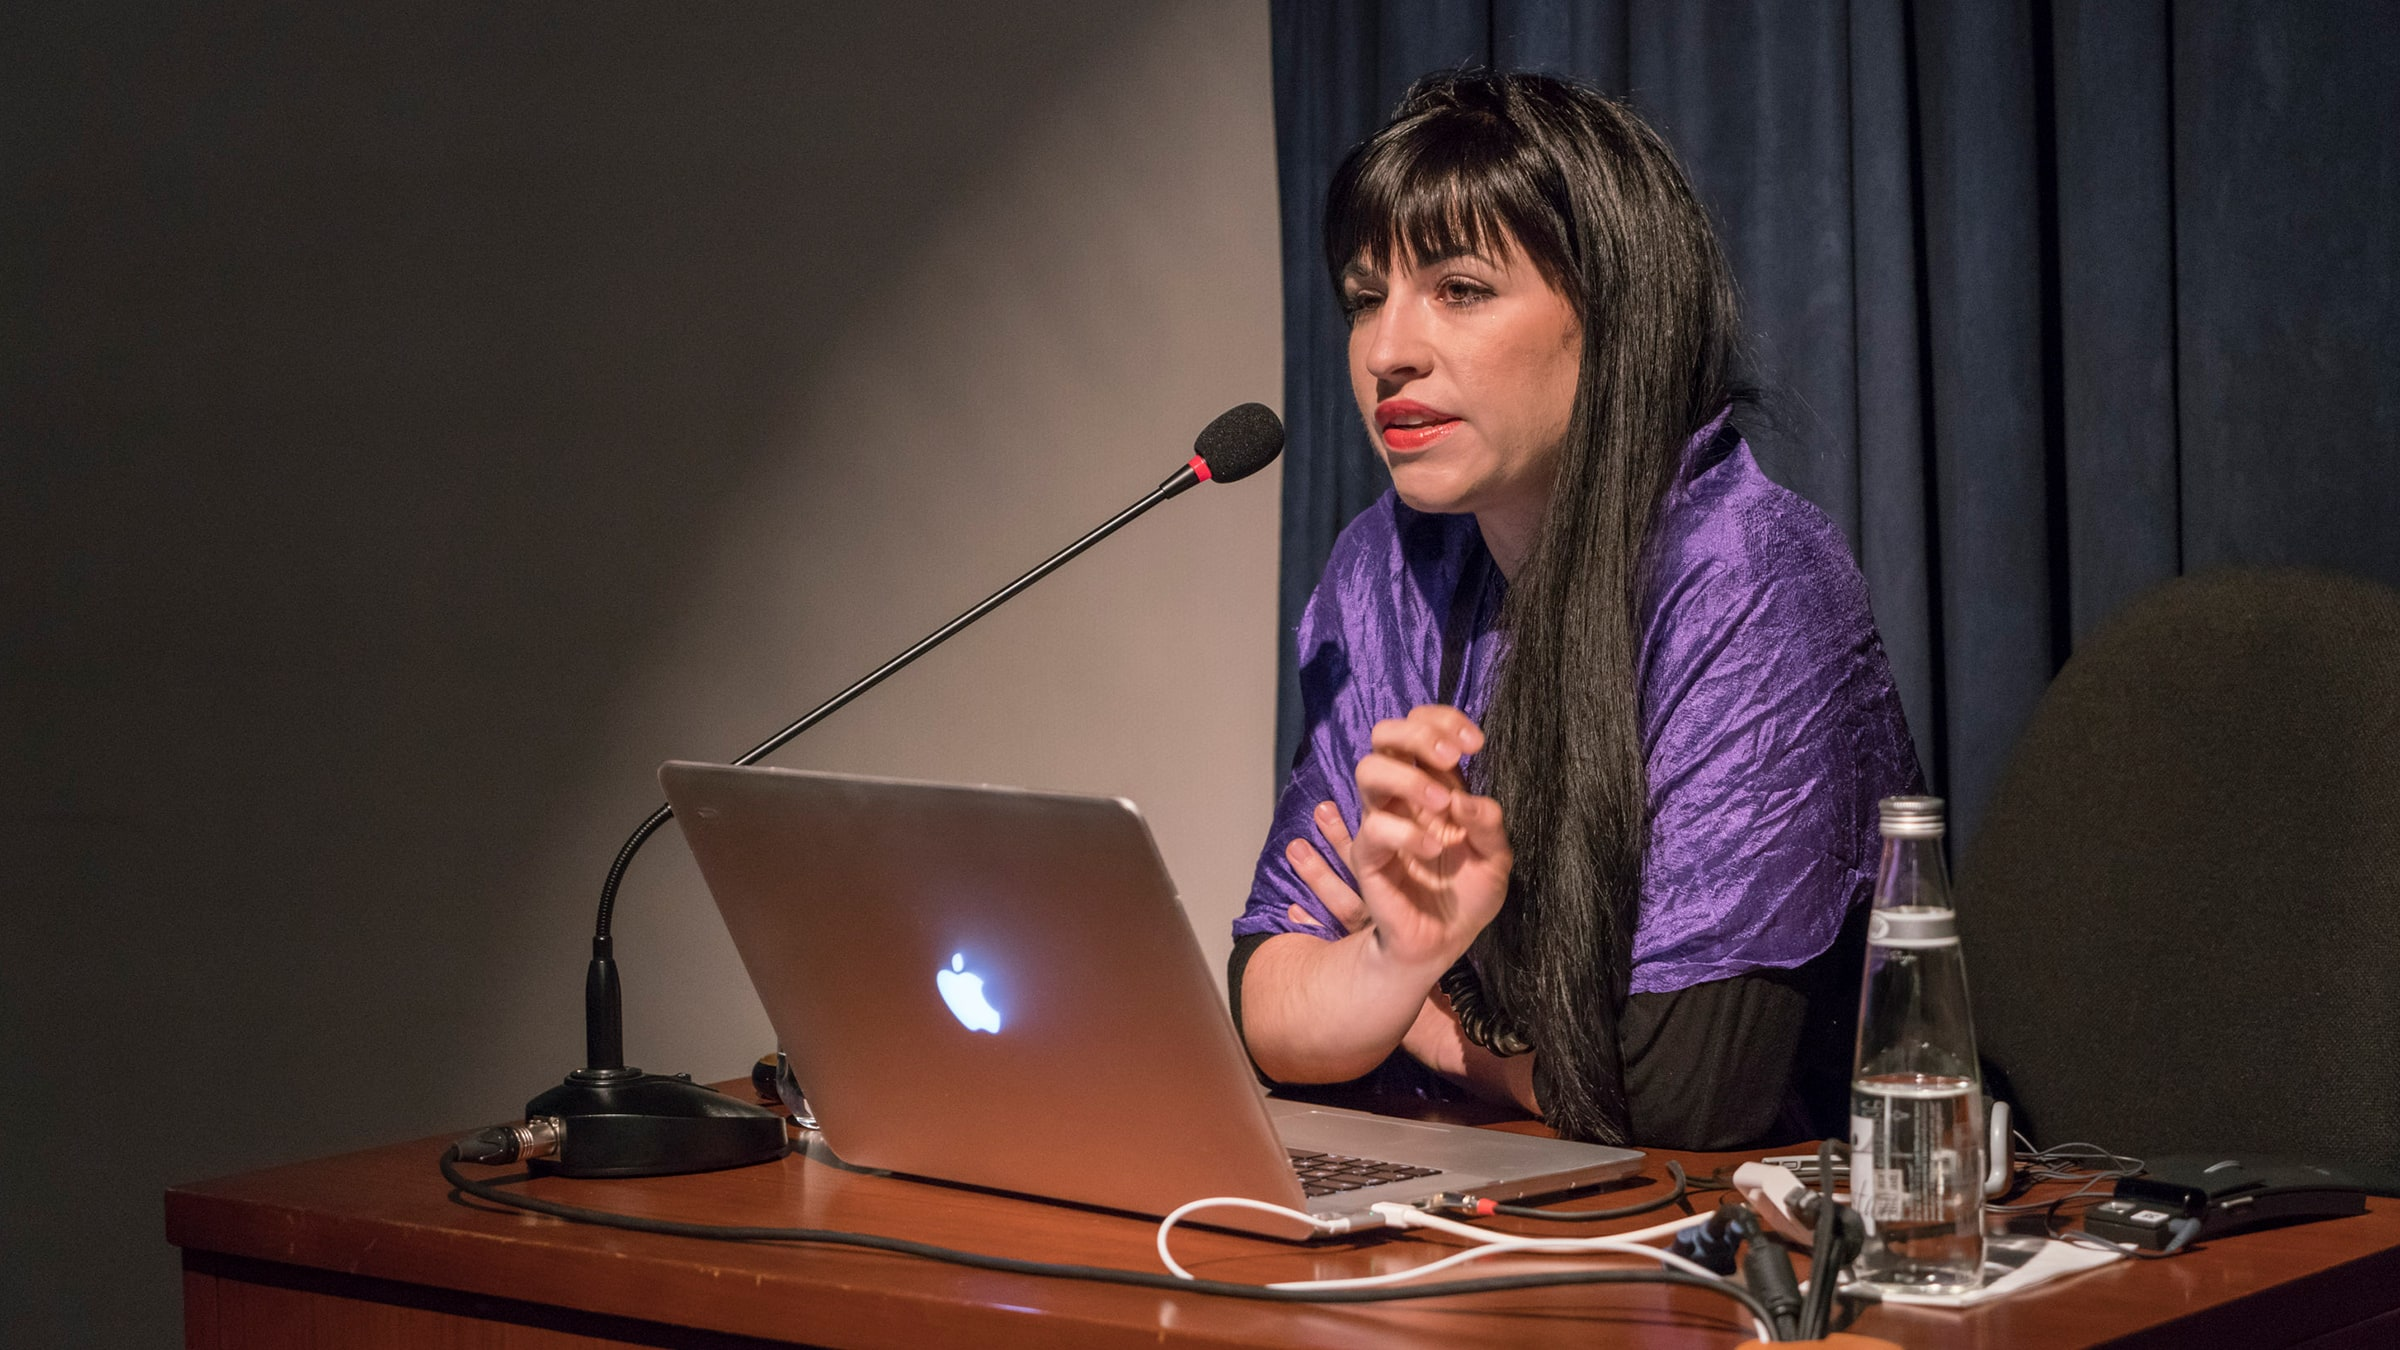 Building Desire<br>Jasmina Cibic